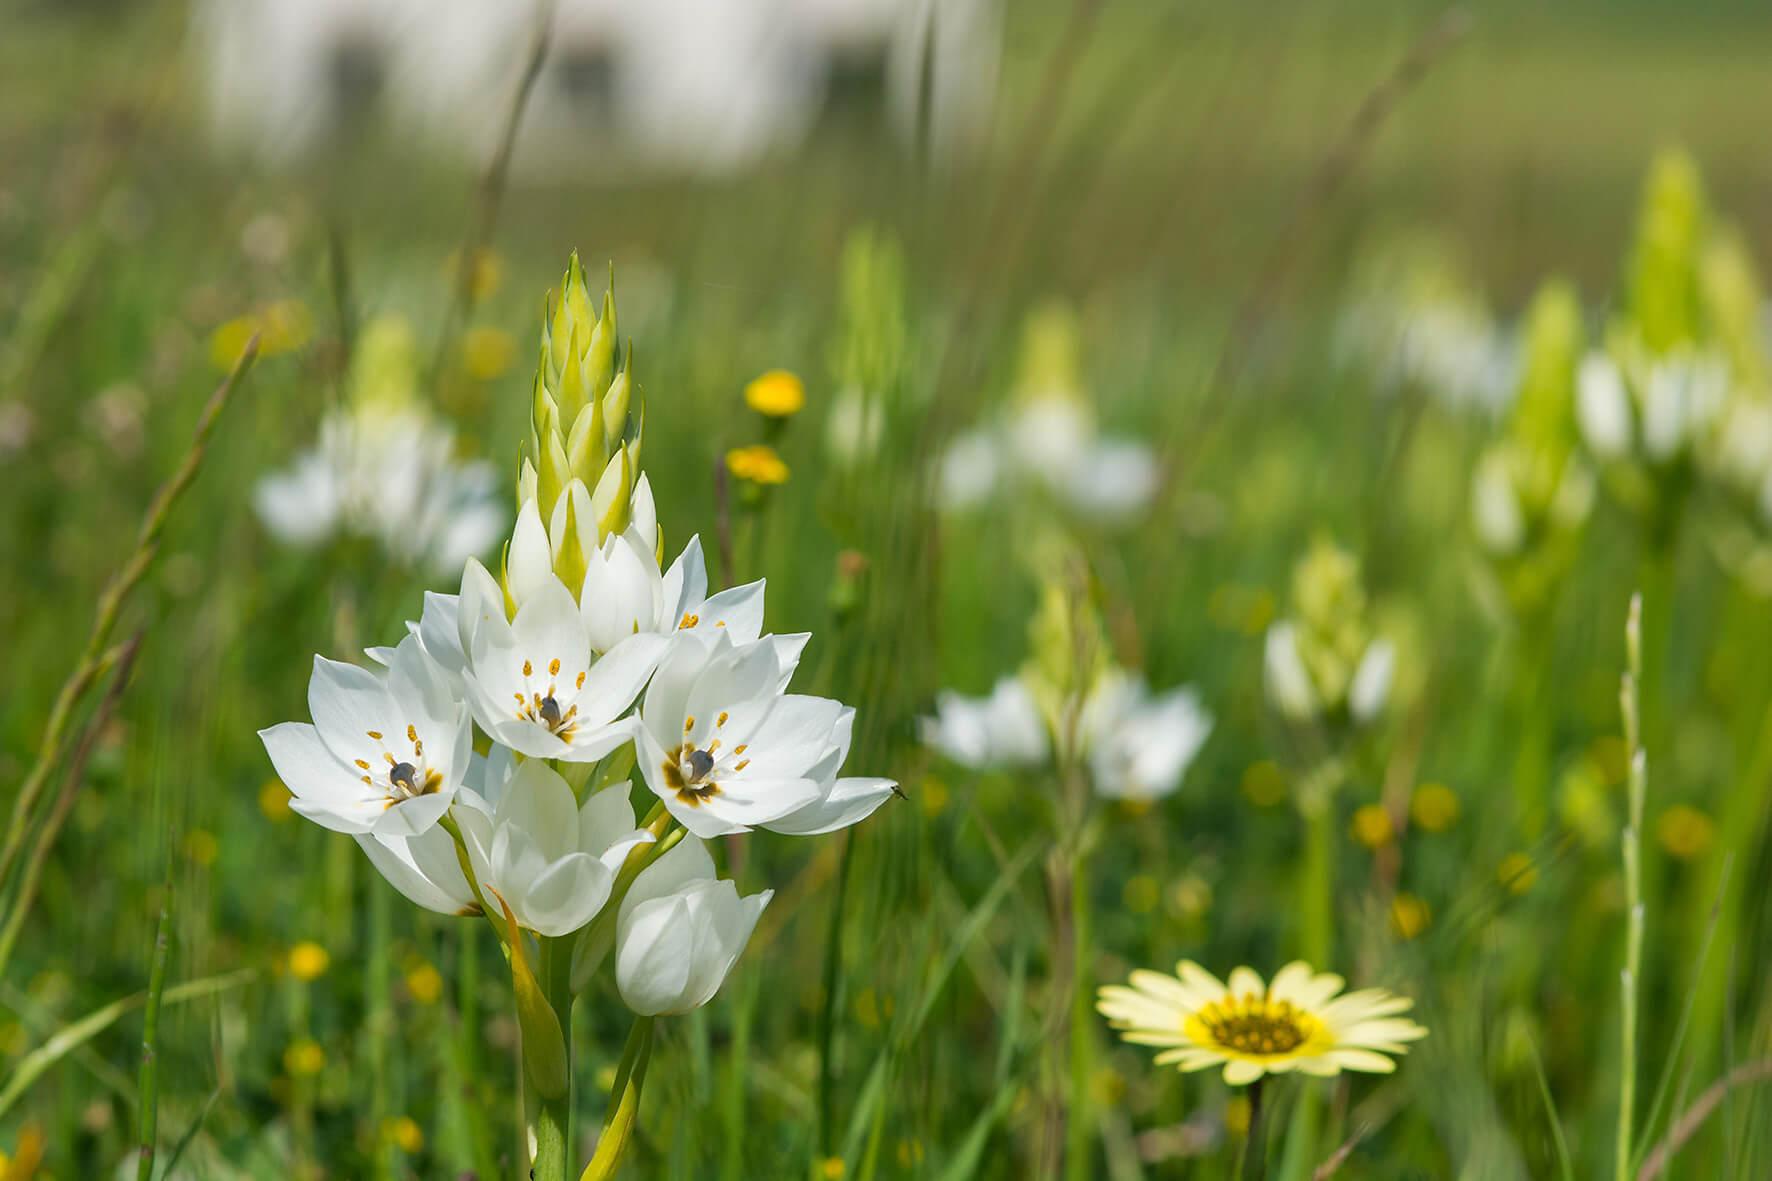 Cape Flower Season